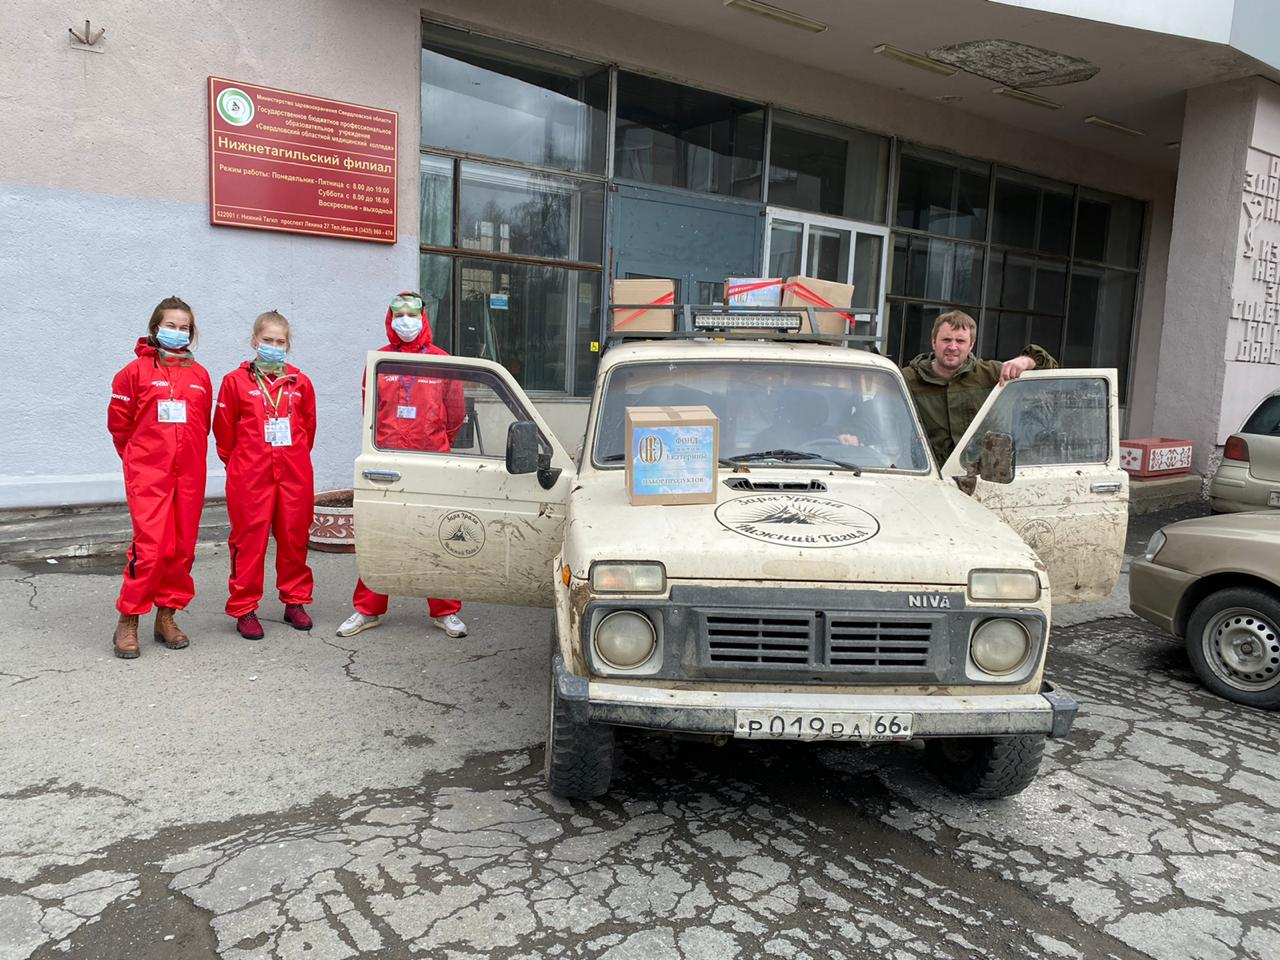 Уже 2 месяца на базе Нижнетагильского филиала ГБПОУ «Свердловский областной медицинский колледж» работает объединённый штаб волонтеров-медиков